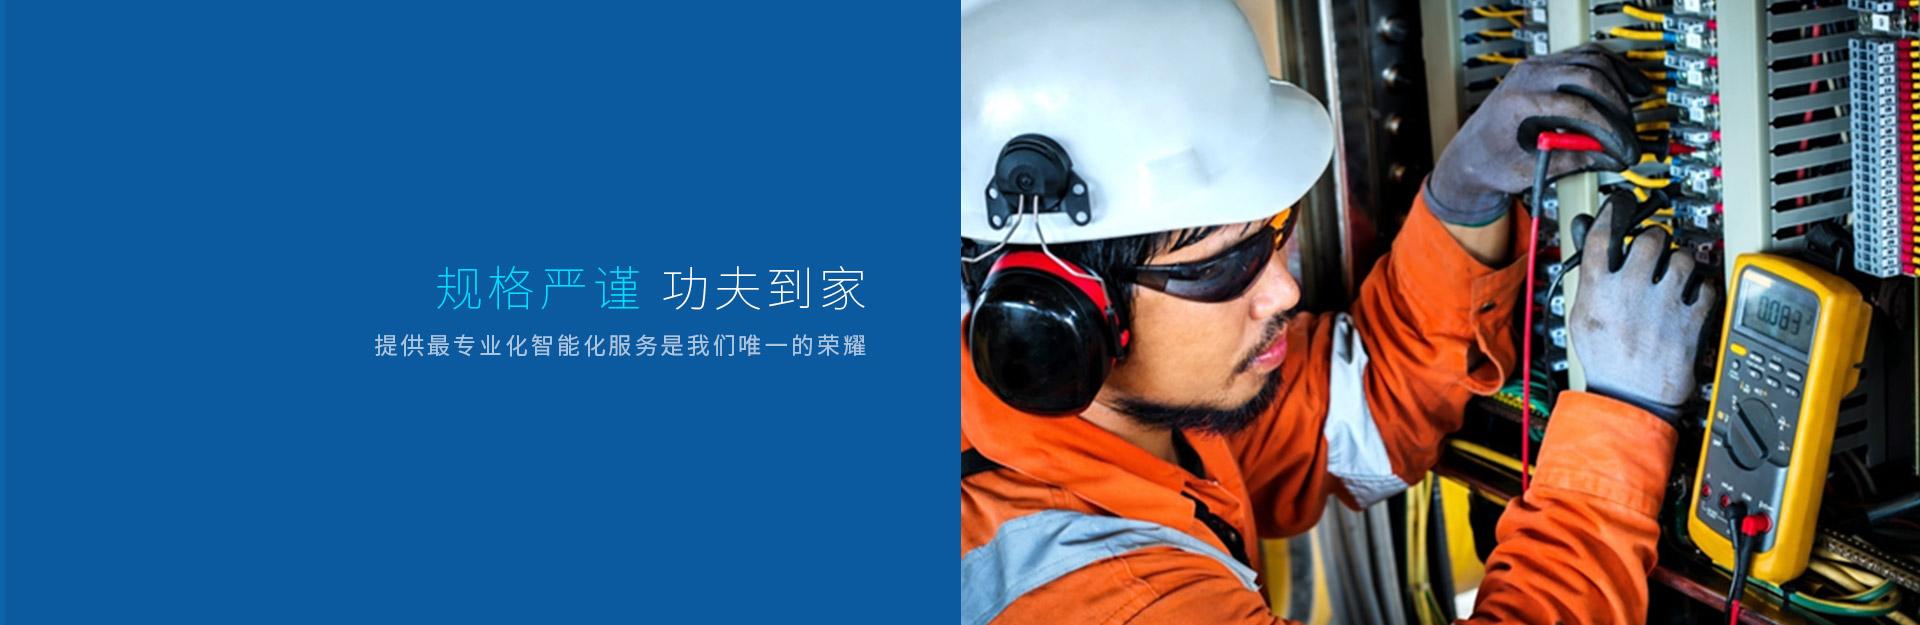 上海泰荣智能科技有限公司